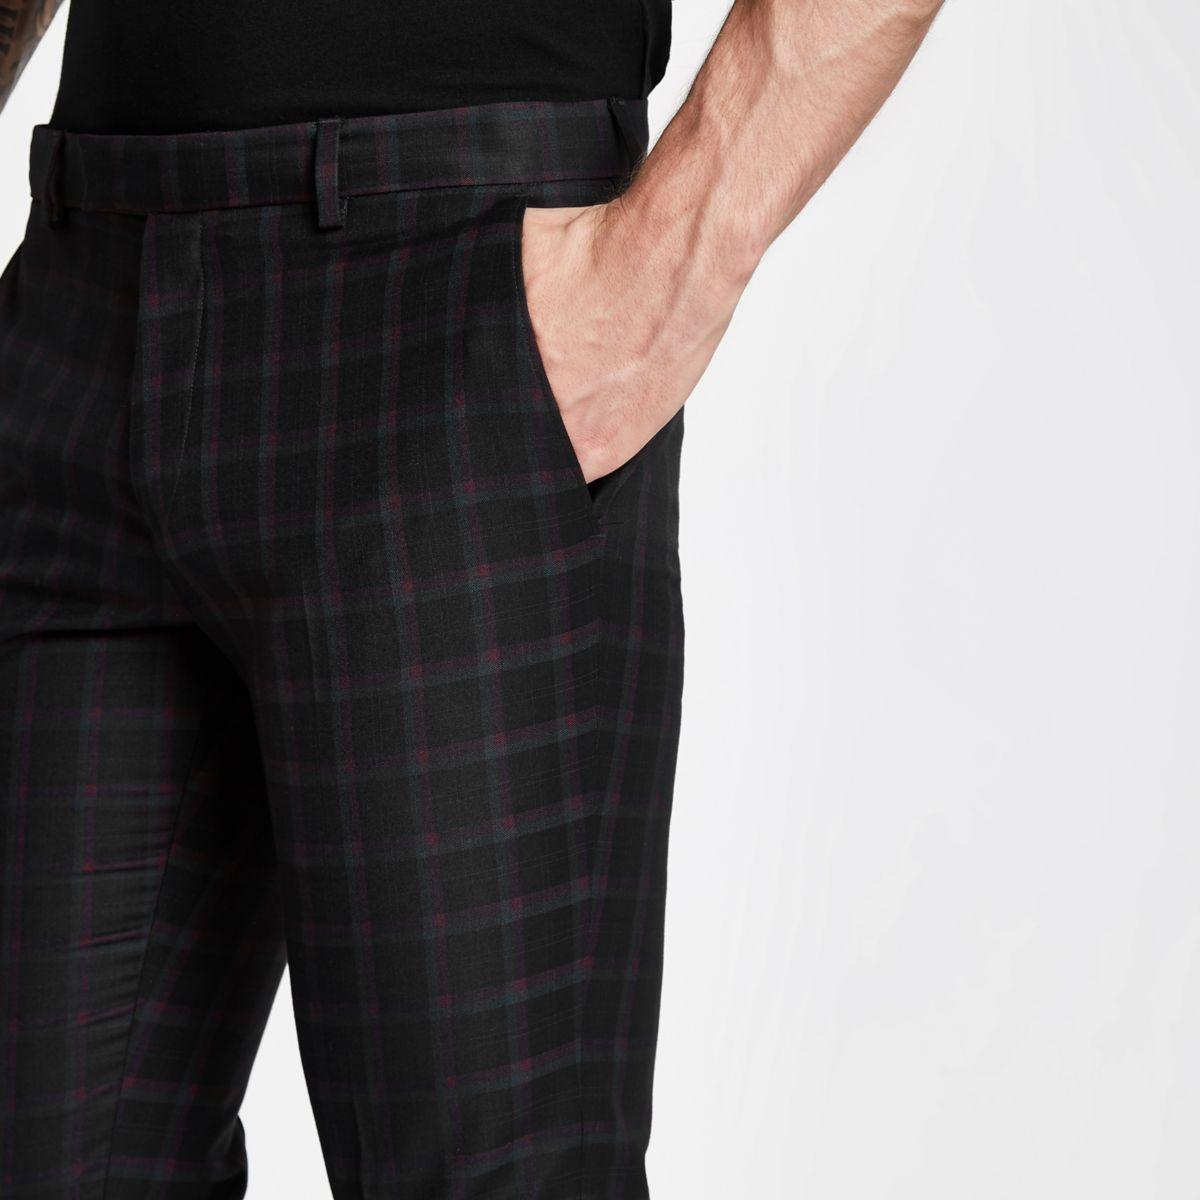 43a30b0129c3 Black and burgundy check skinny suit pants - Suit Pants - Suits - men